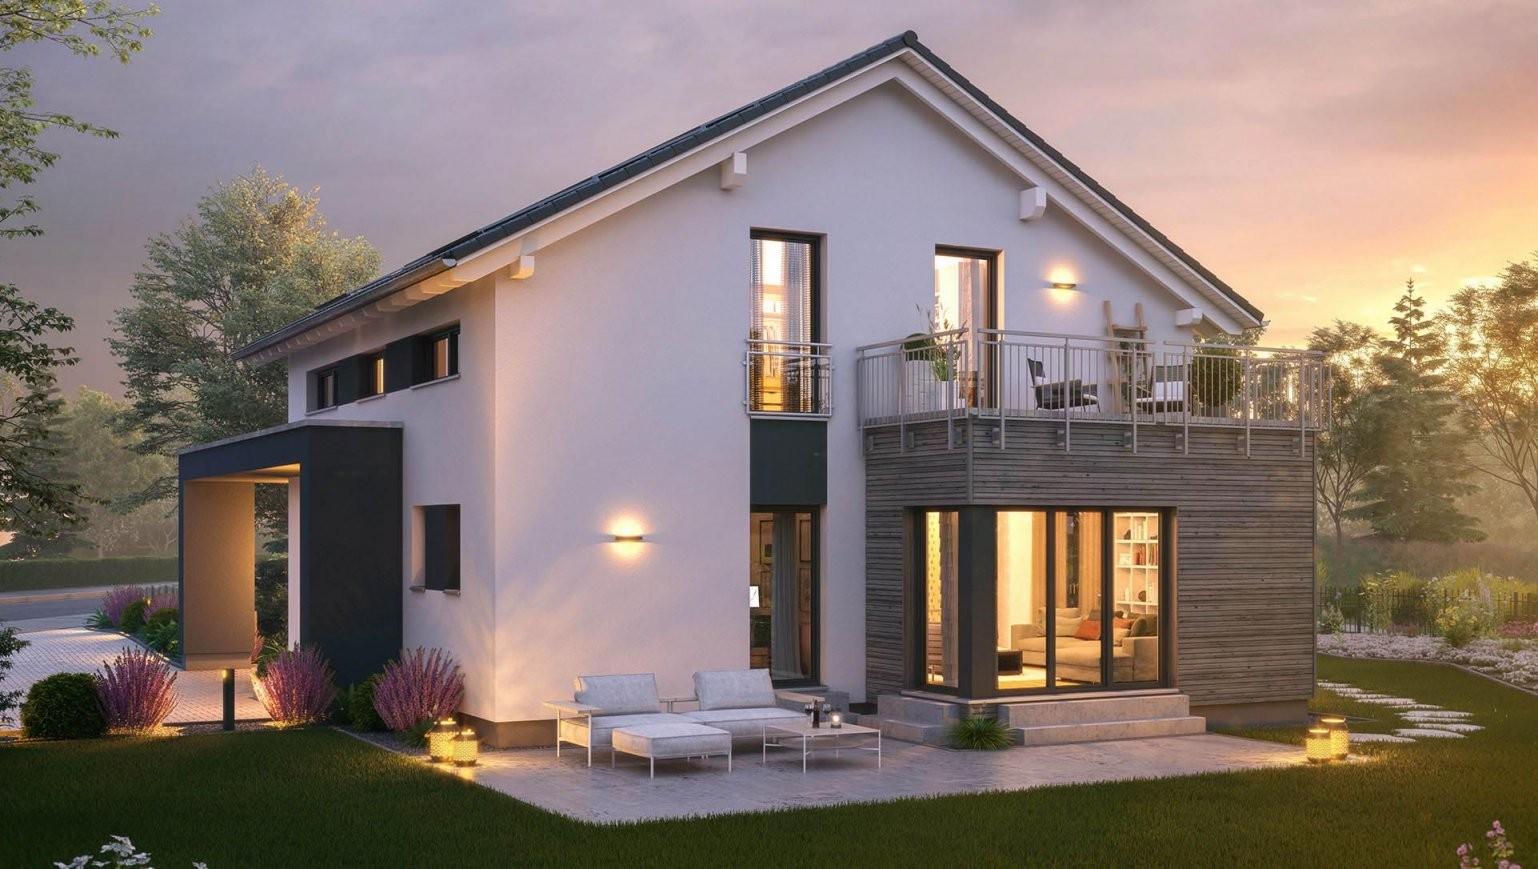 Fertighaus Bauen Mit Massa Haus  Ihr Traumhaus Schon Ab 79999 € von Kosten Allkauf Haus Schlüsselfertig Bild